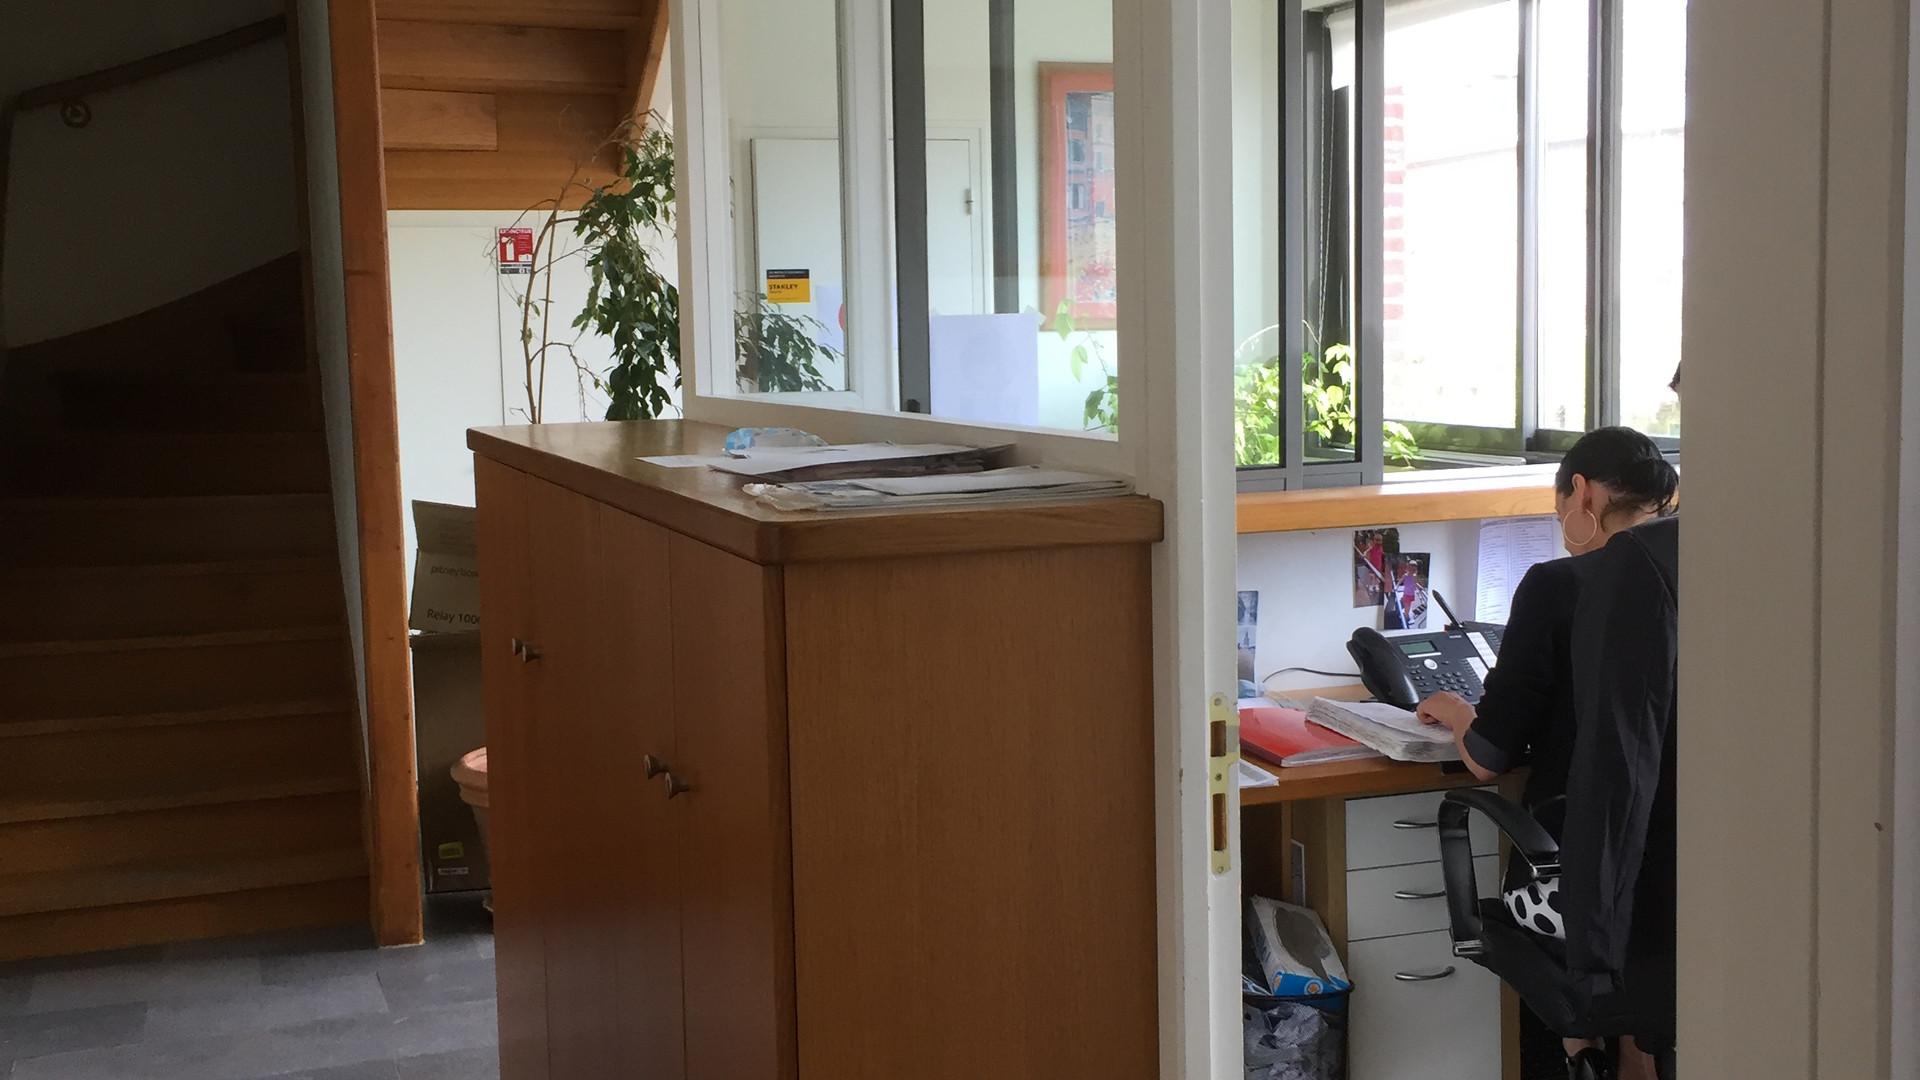 Bureaux fermés visuelement ouverts